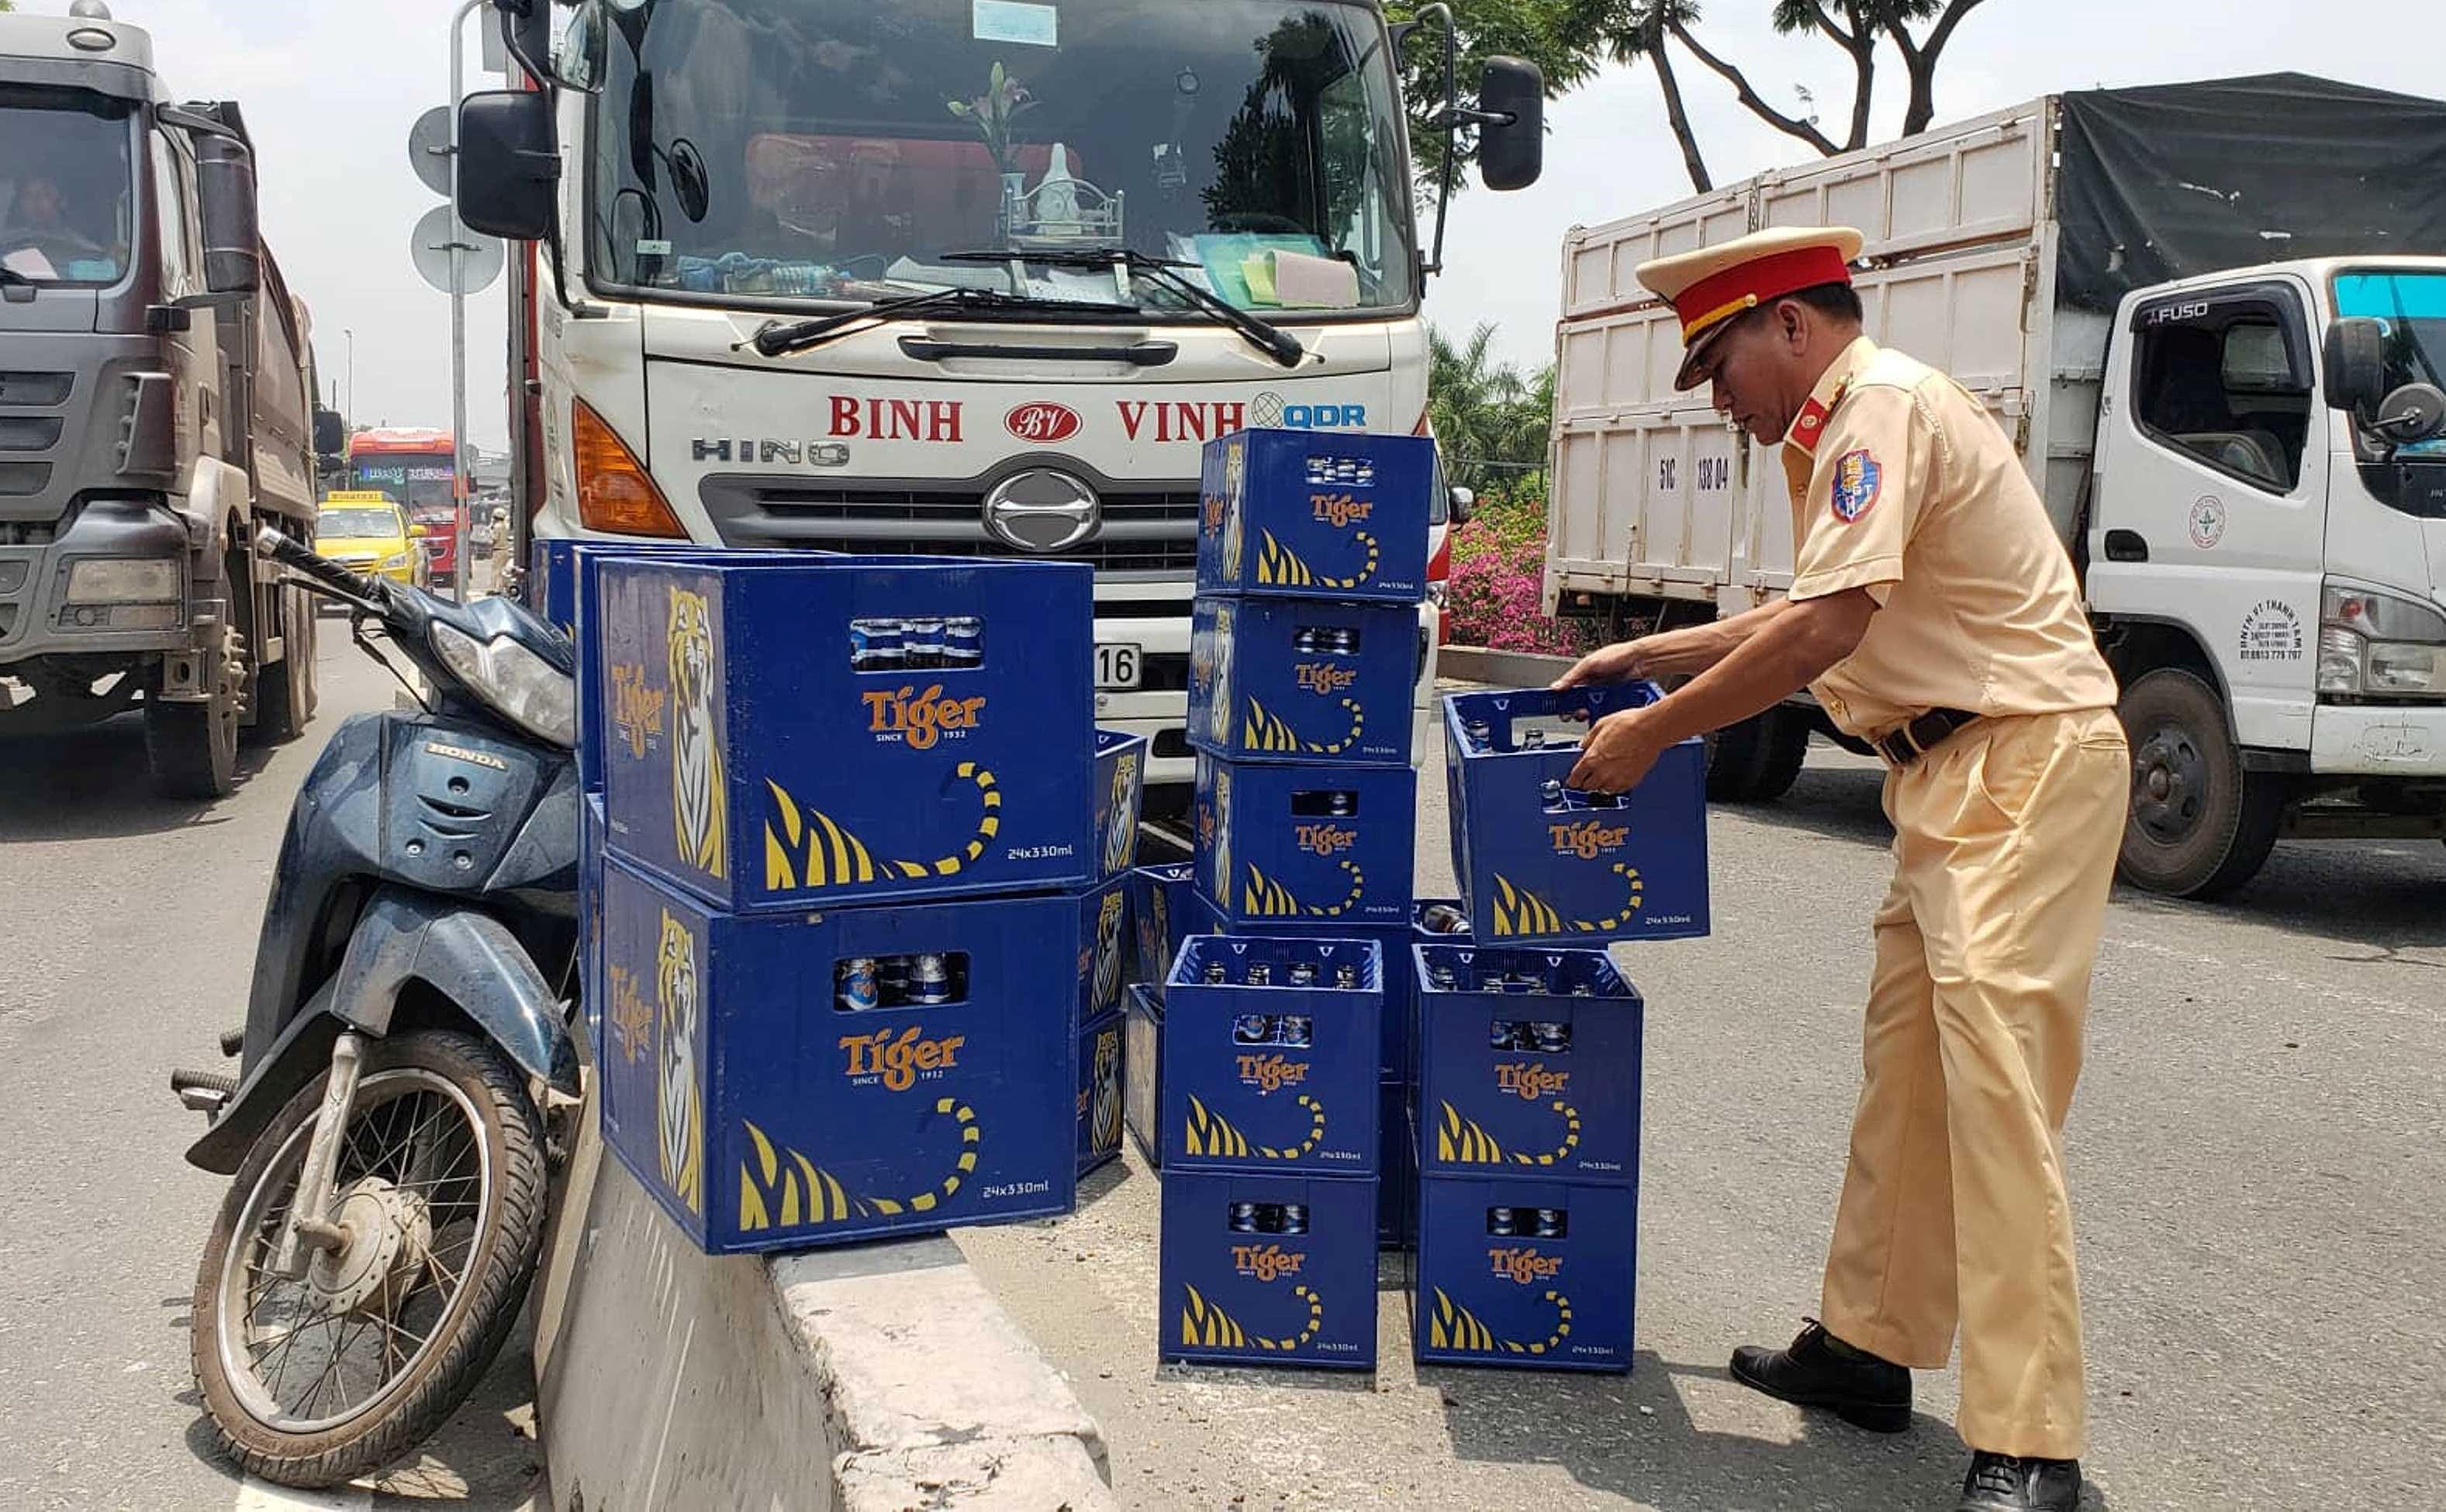 Hàng chục thùng bia rơi xuống đường, cửa ngõ Sài Gòn kẹt cứng Ảnh 3